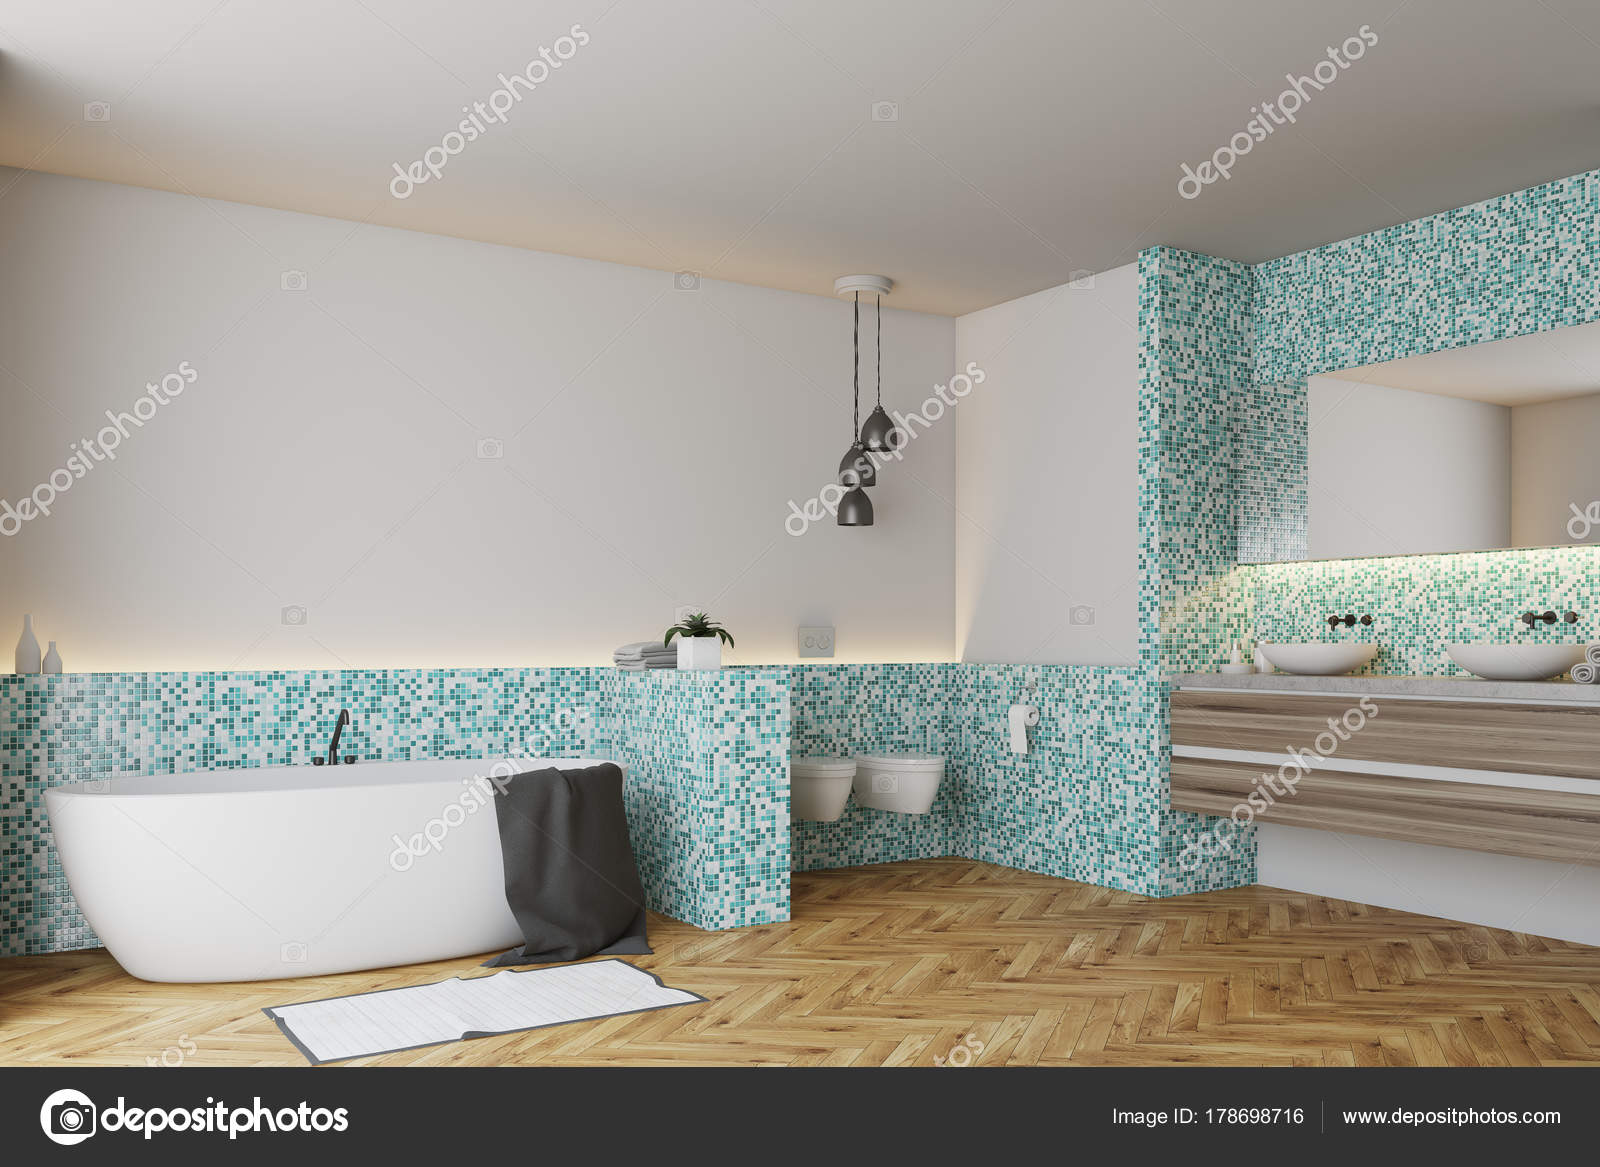 Mattonelle Bagno Verde Acqua : Mattonelle verdi bagno e wc angolo u foto stock denisismagilov